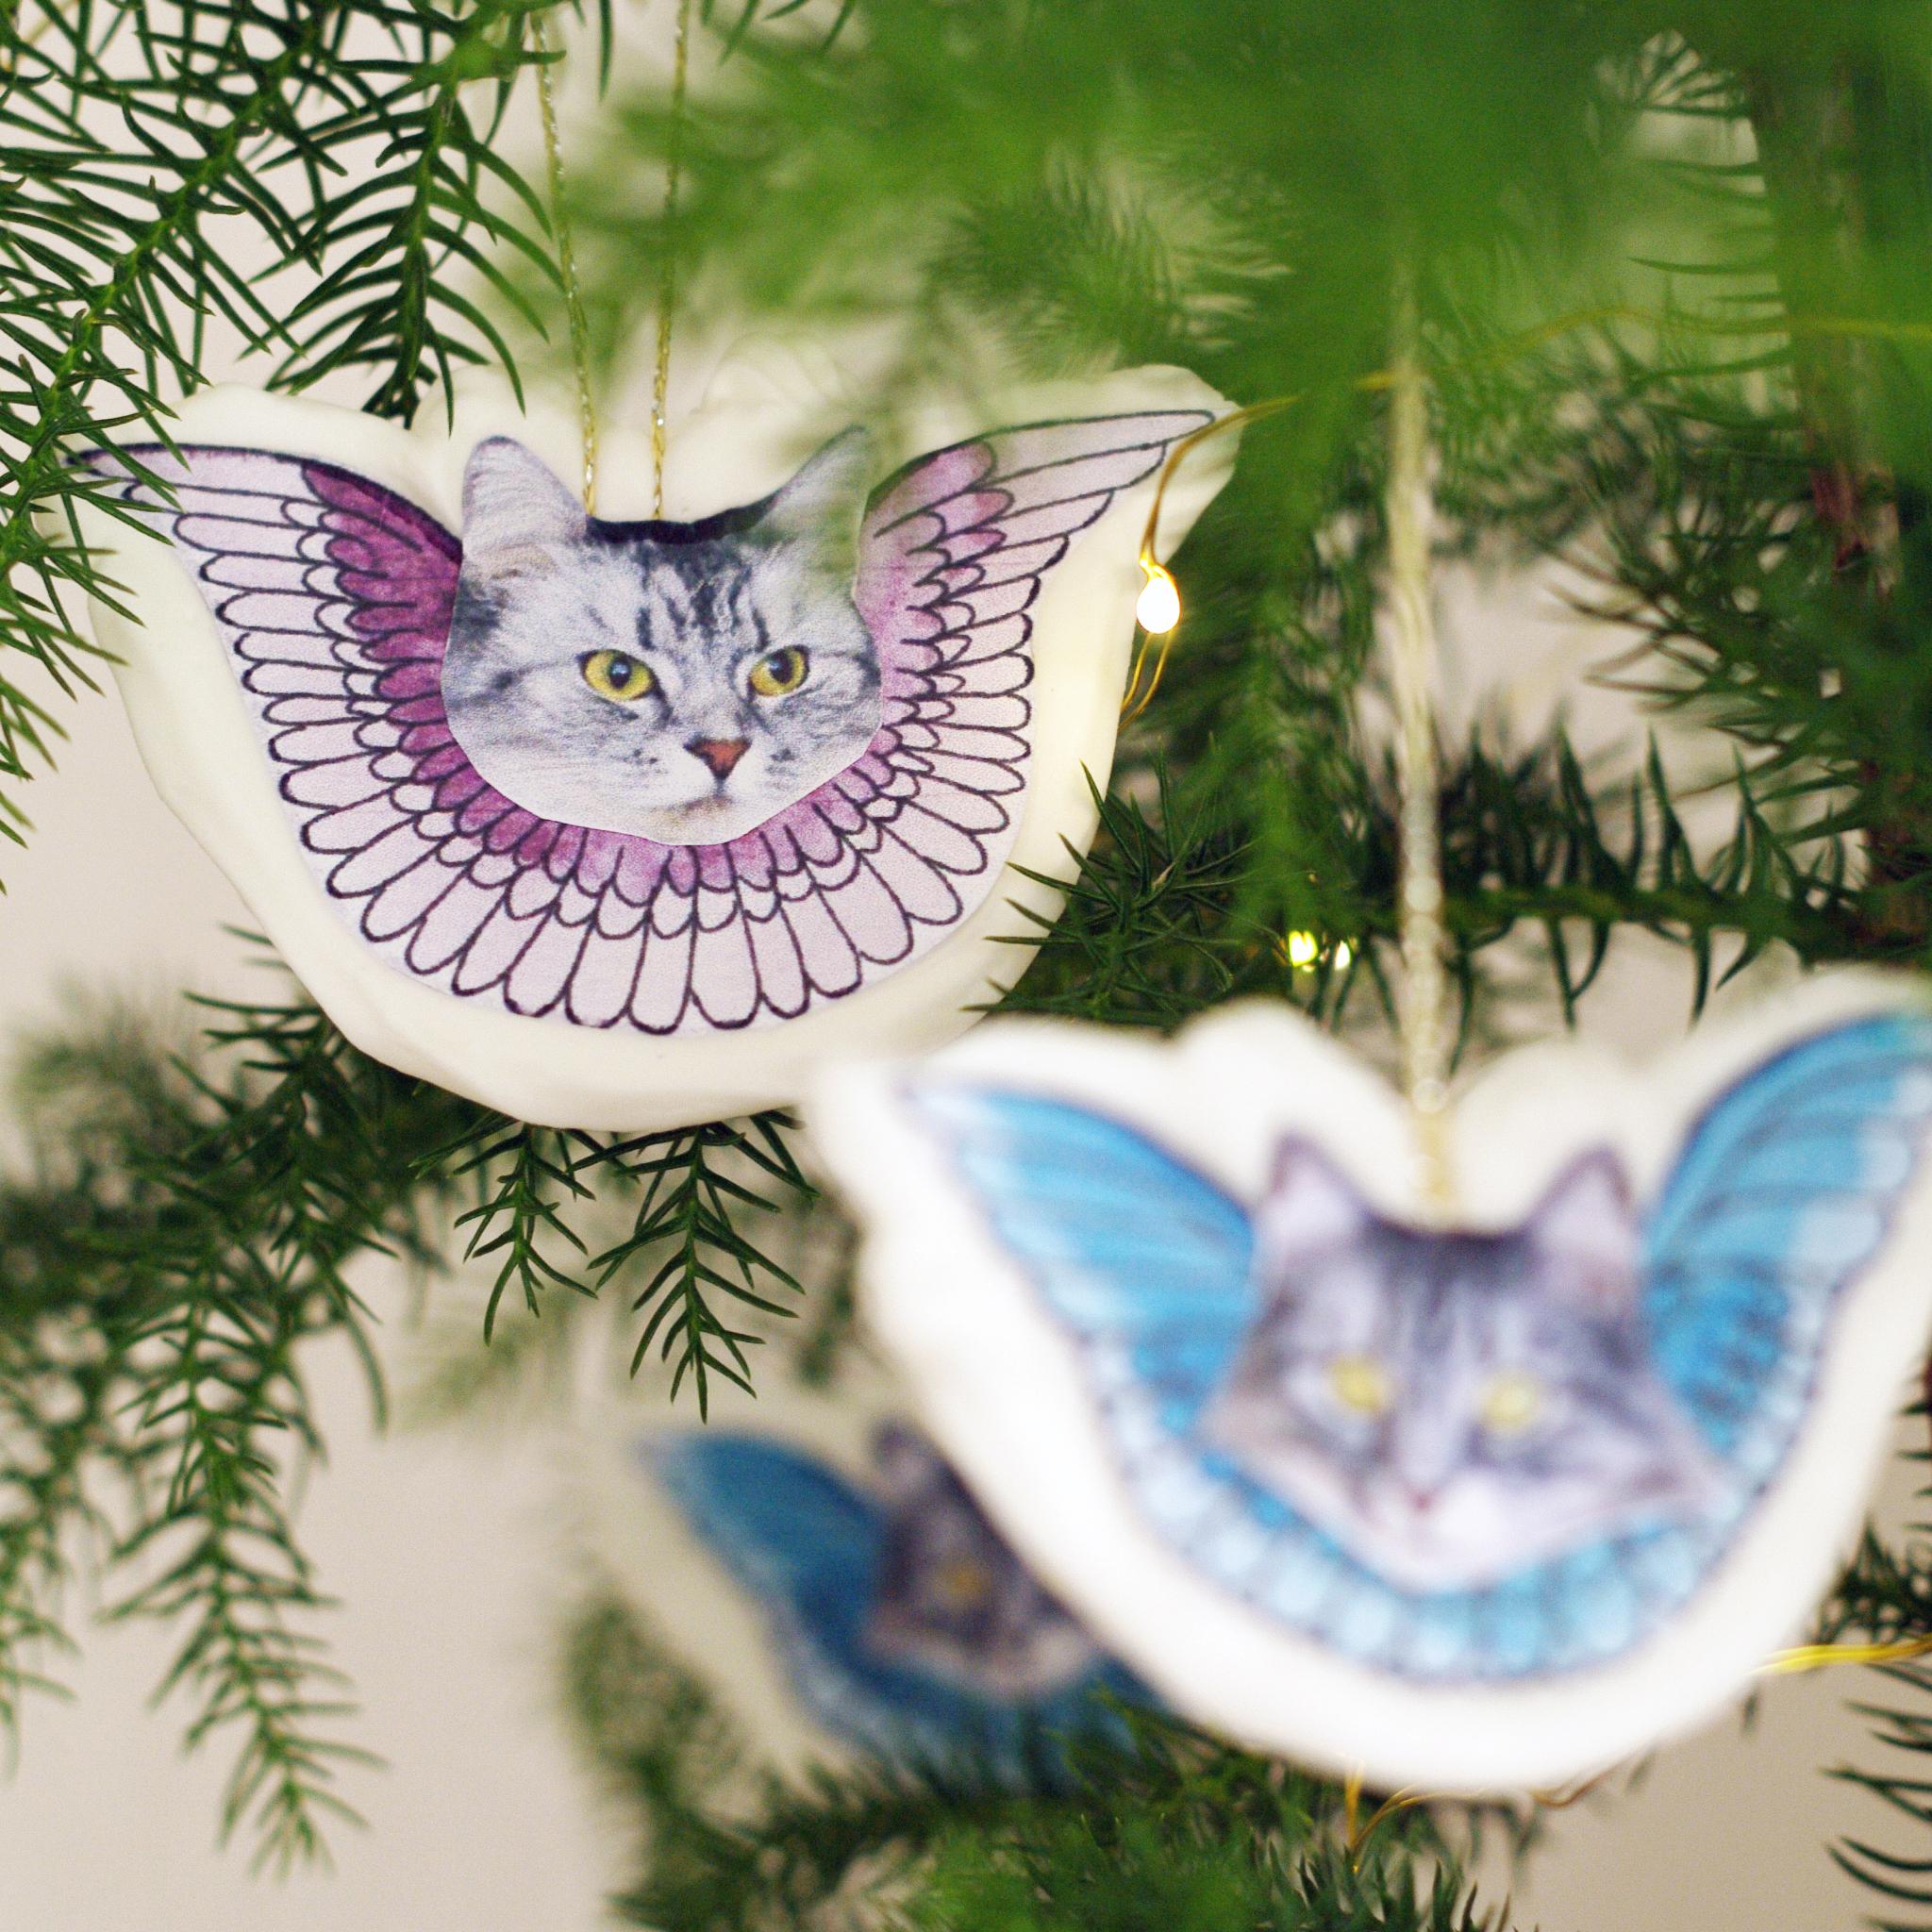 Kristyrkatter, DIY-instruktioner och gratis printables av Alicia Sivertsson - aliciasivert.se / jul hantverk diy kristyr kristyränglar änglar gran katt katter julkatt julkatter